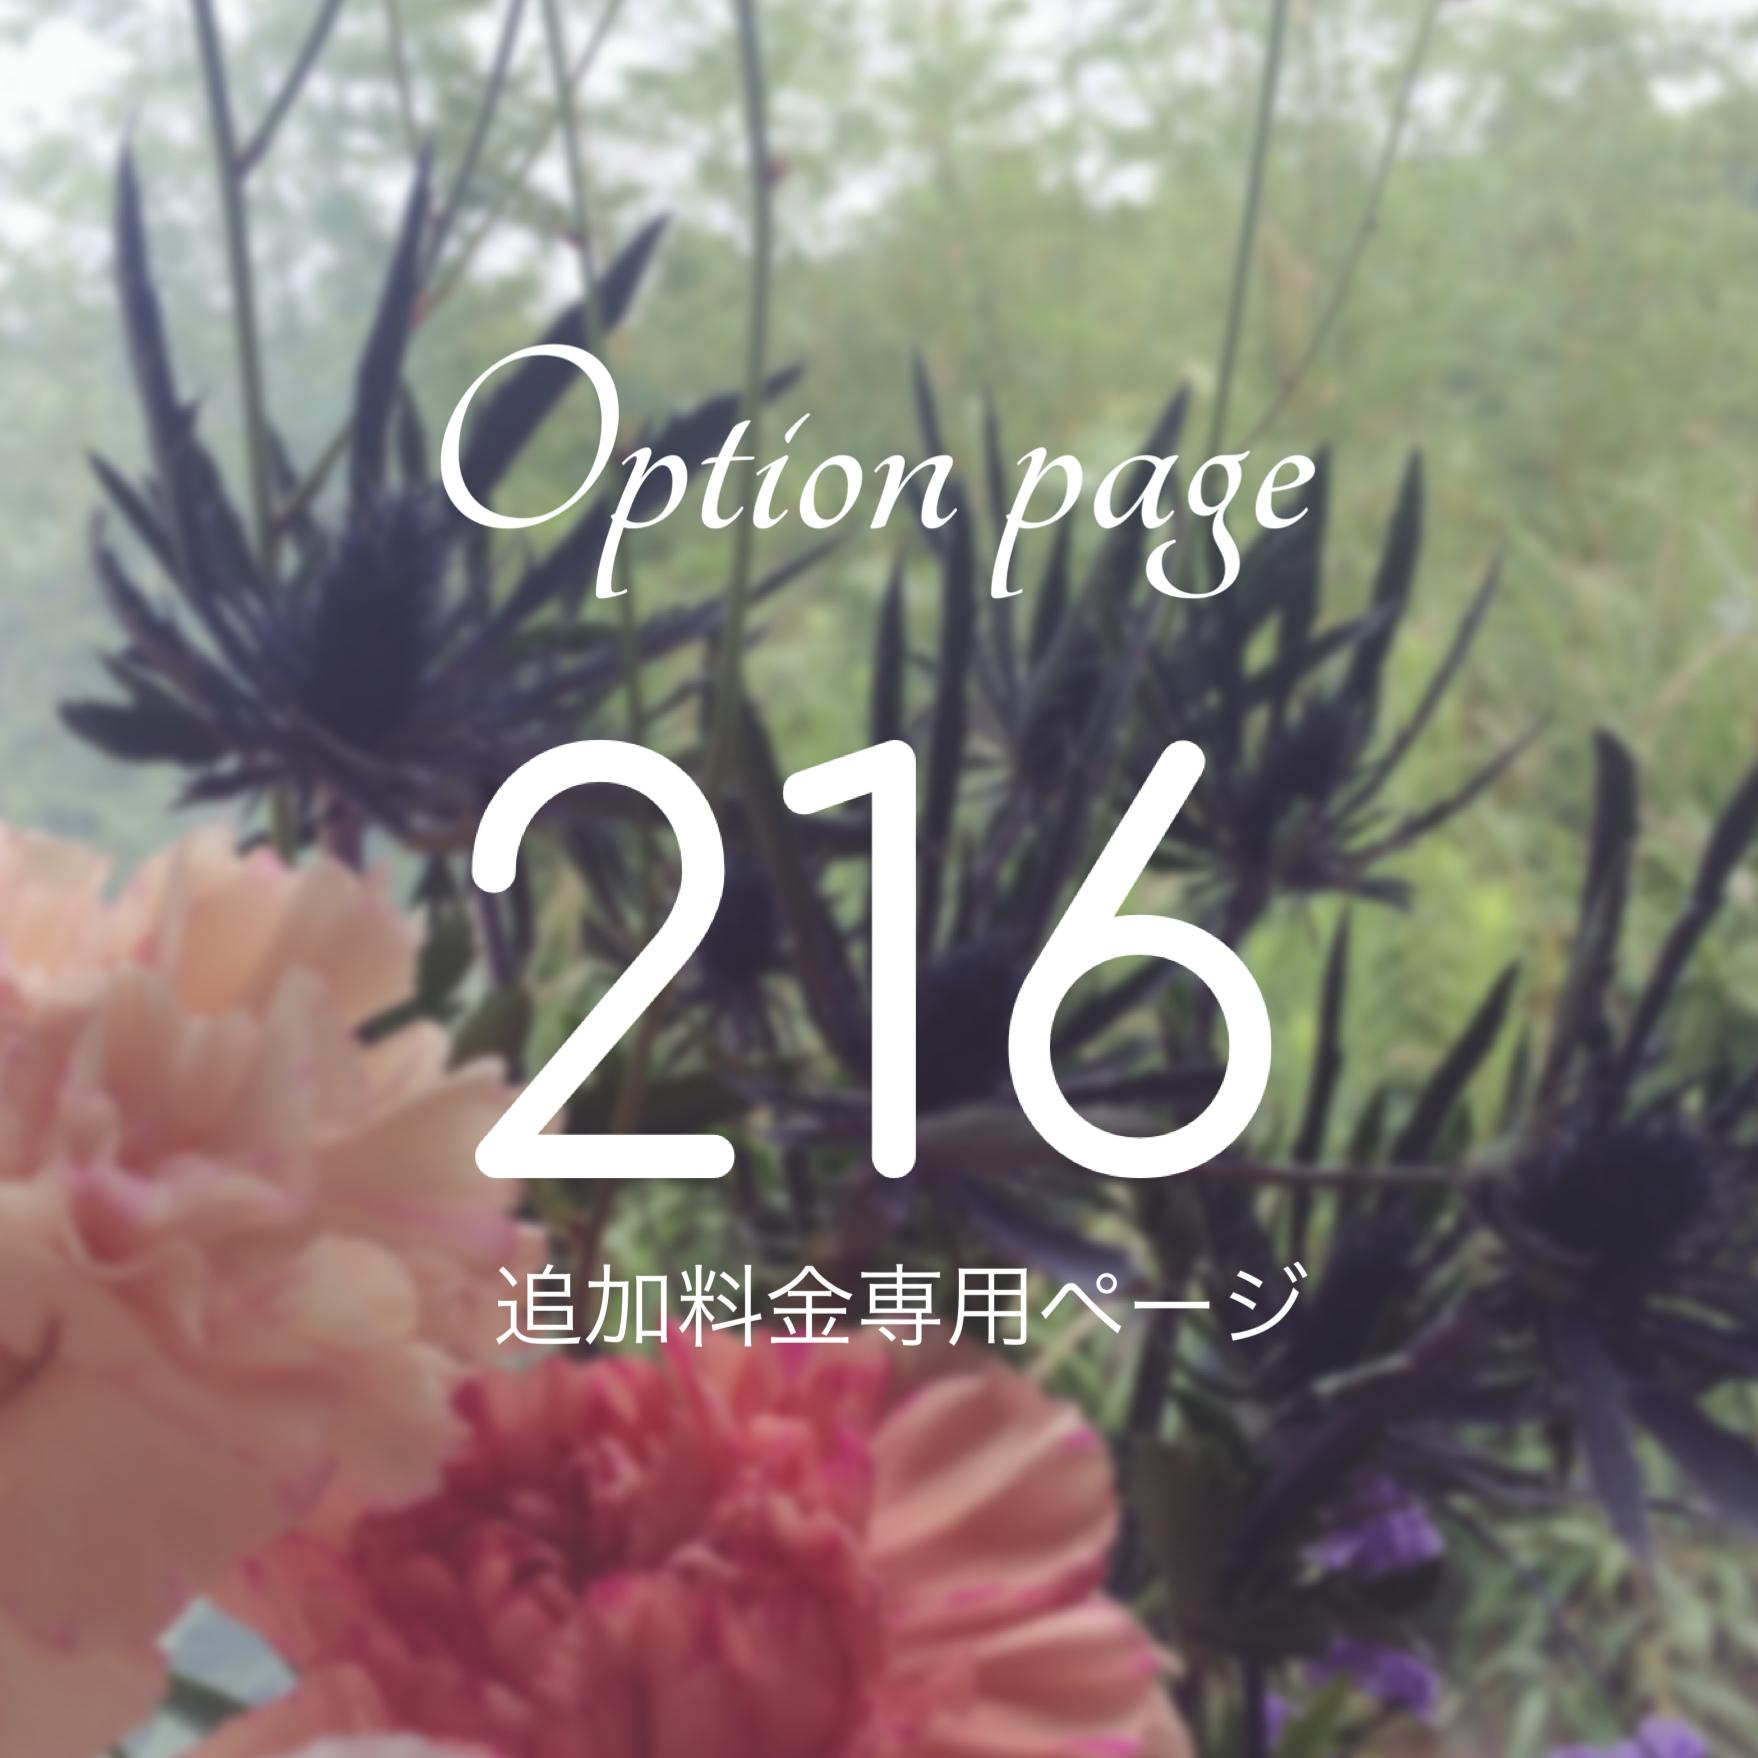 「216円」追加料金用専用ページ